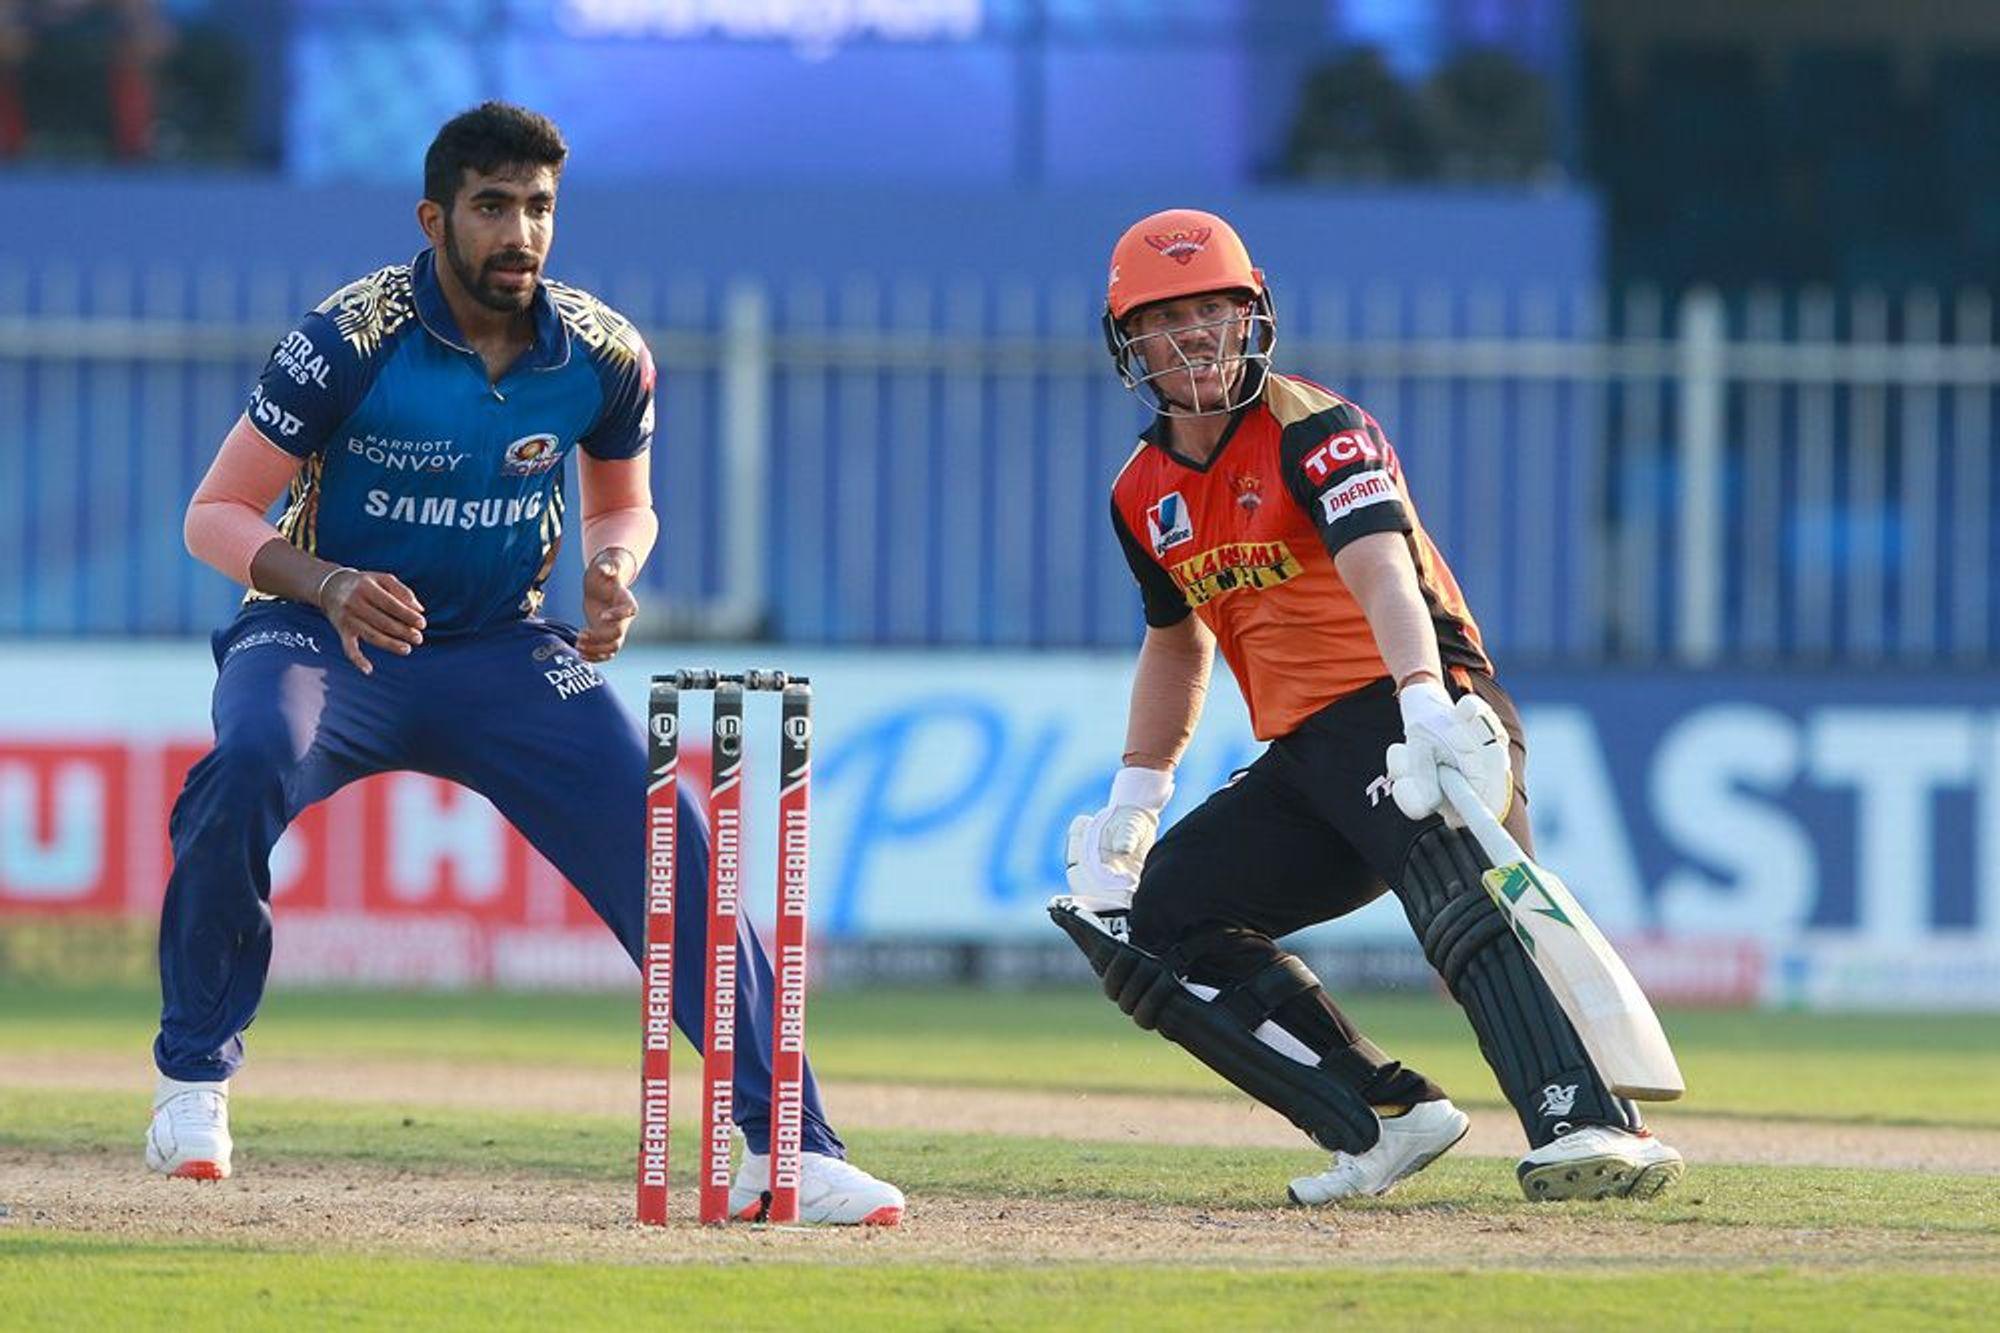 RCBvsDC: आईपीएल 2020 के 55वें मैच के बाद इन खिलाड़ियों के पास है ऑरेंज कैप और पर्पल कैप 4